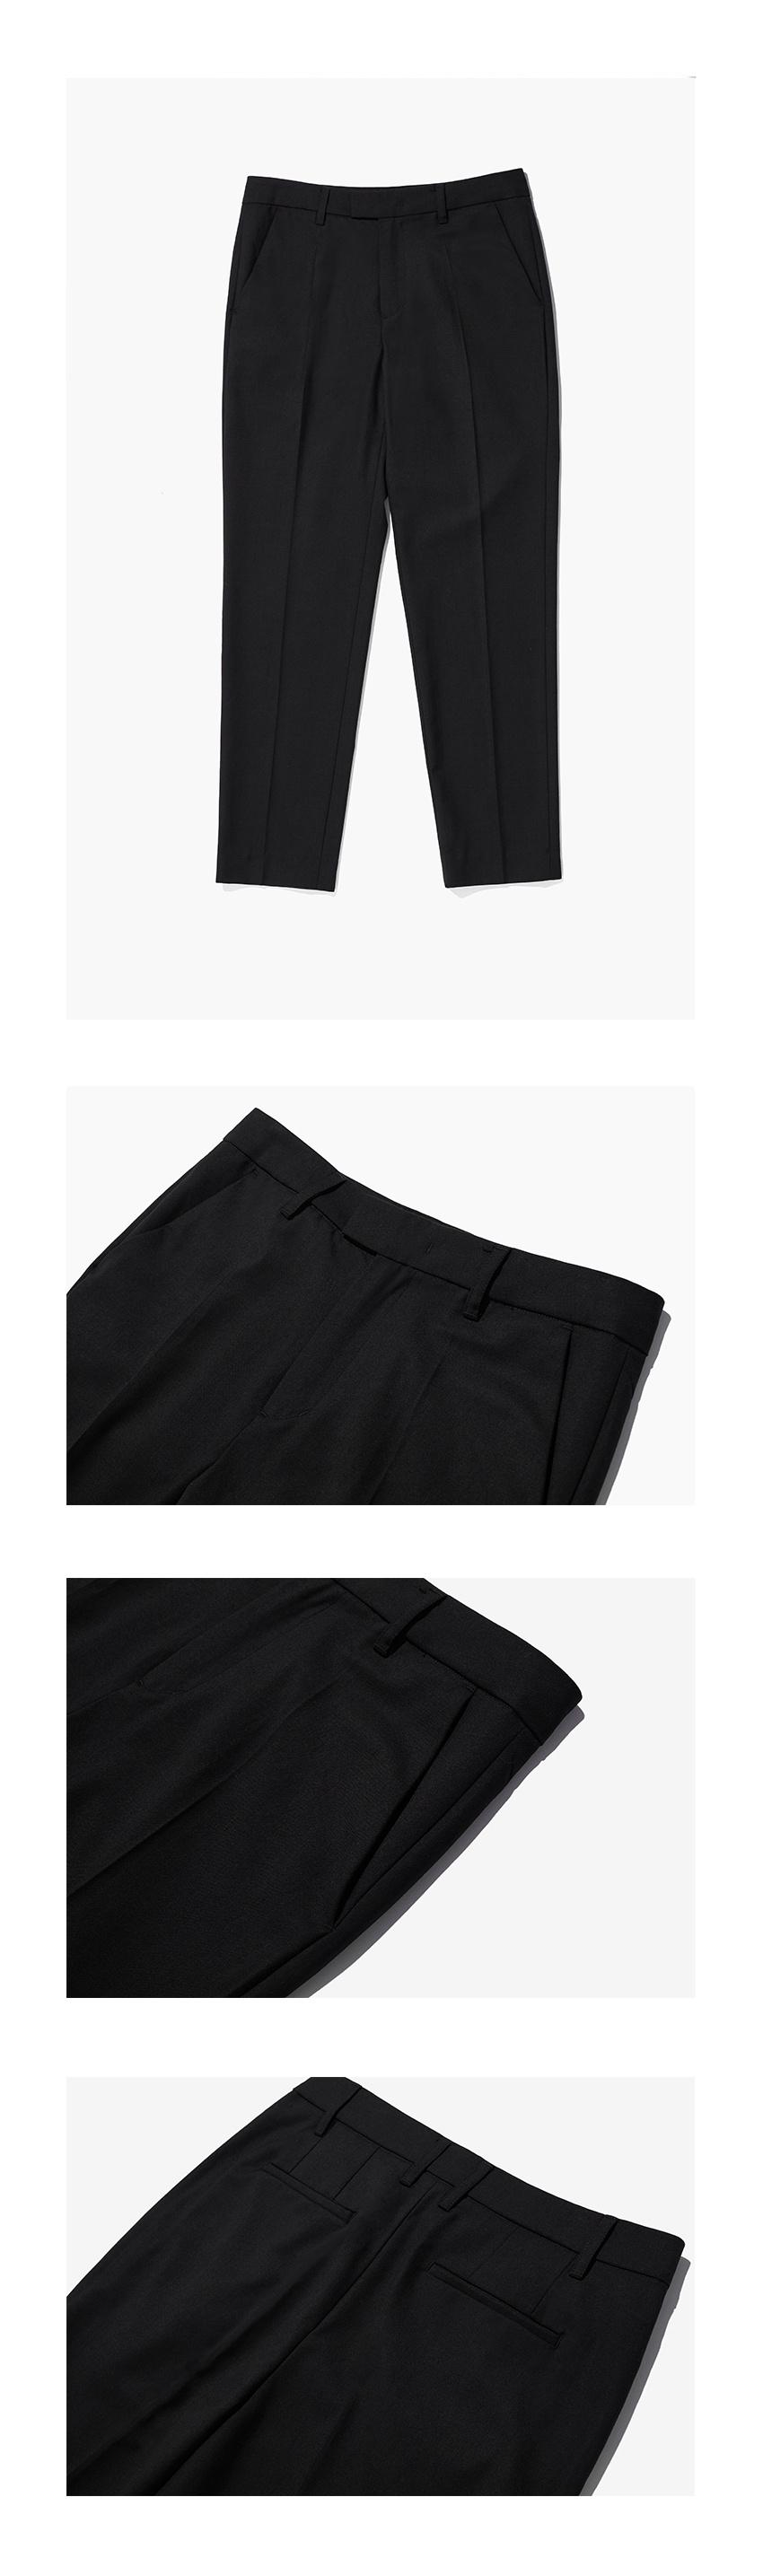 미나브(MINAV) [기획상품] 에센셜 테이퍼드 슬랙스 [블랙]